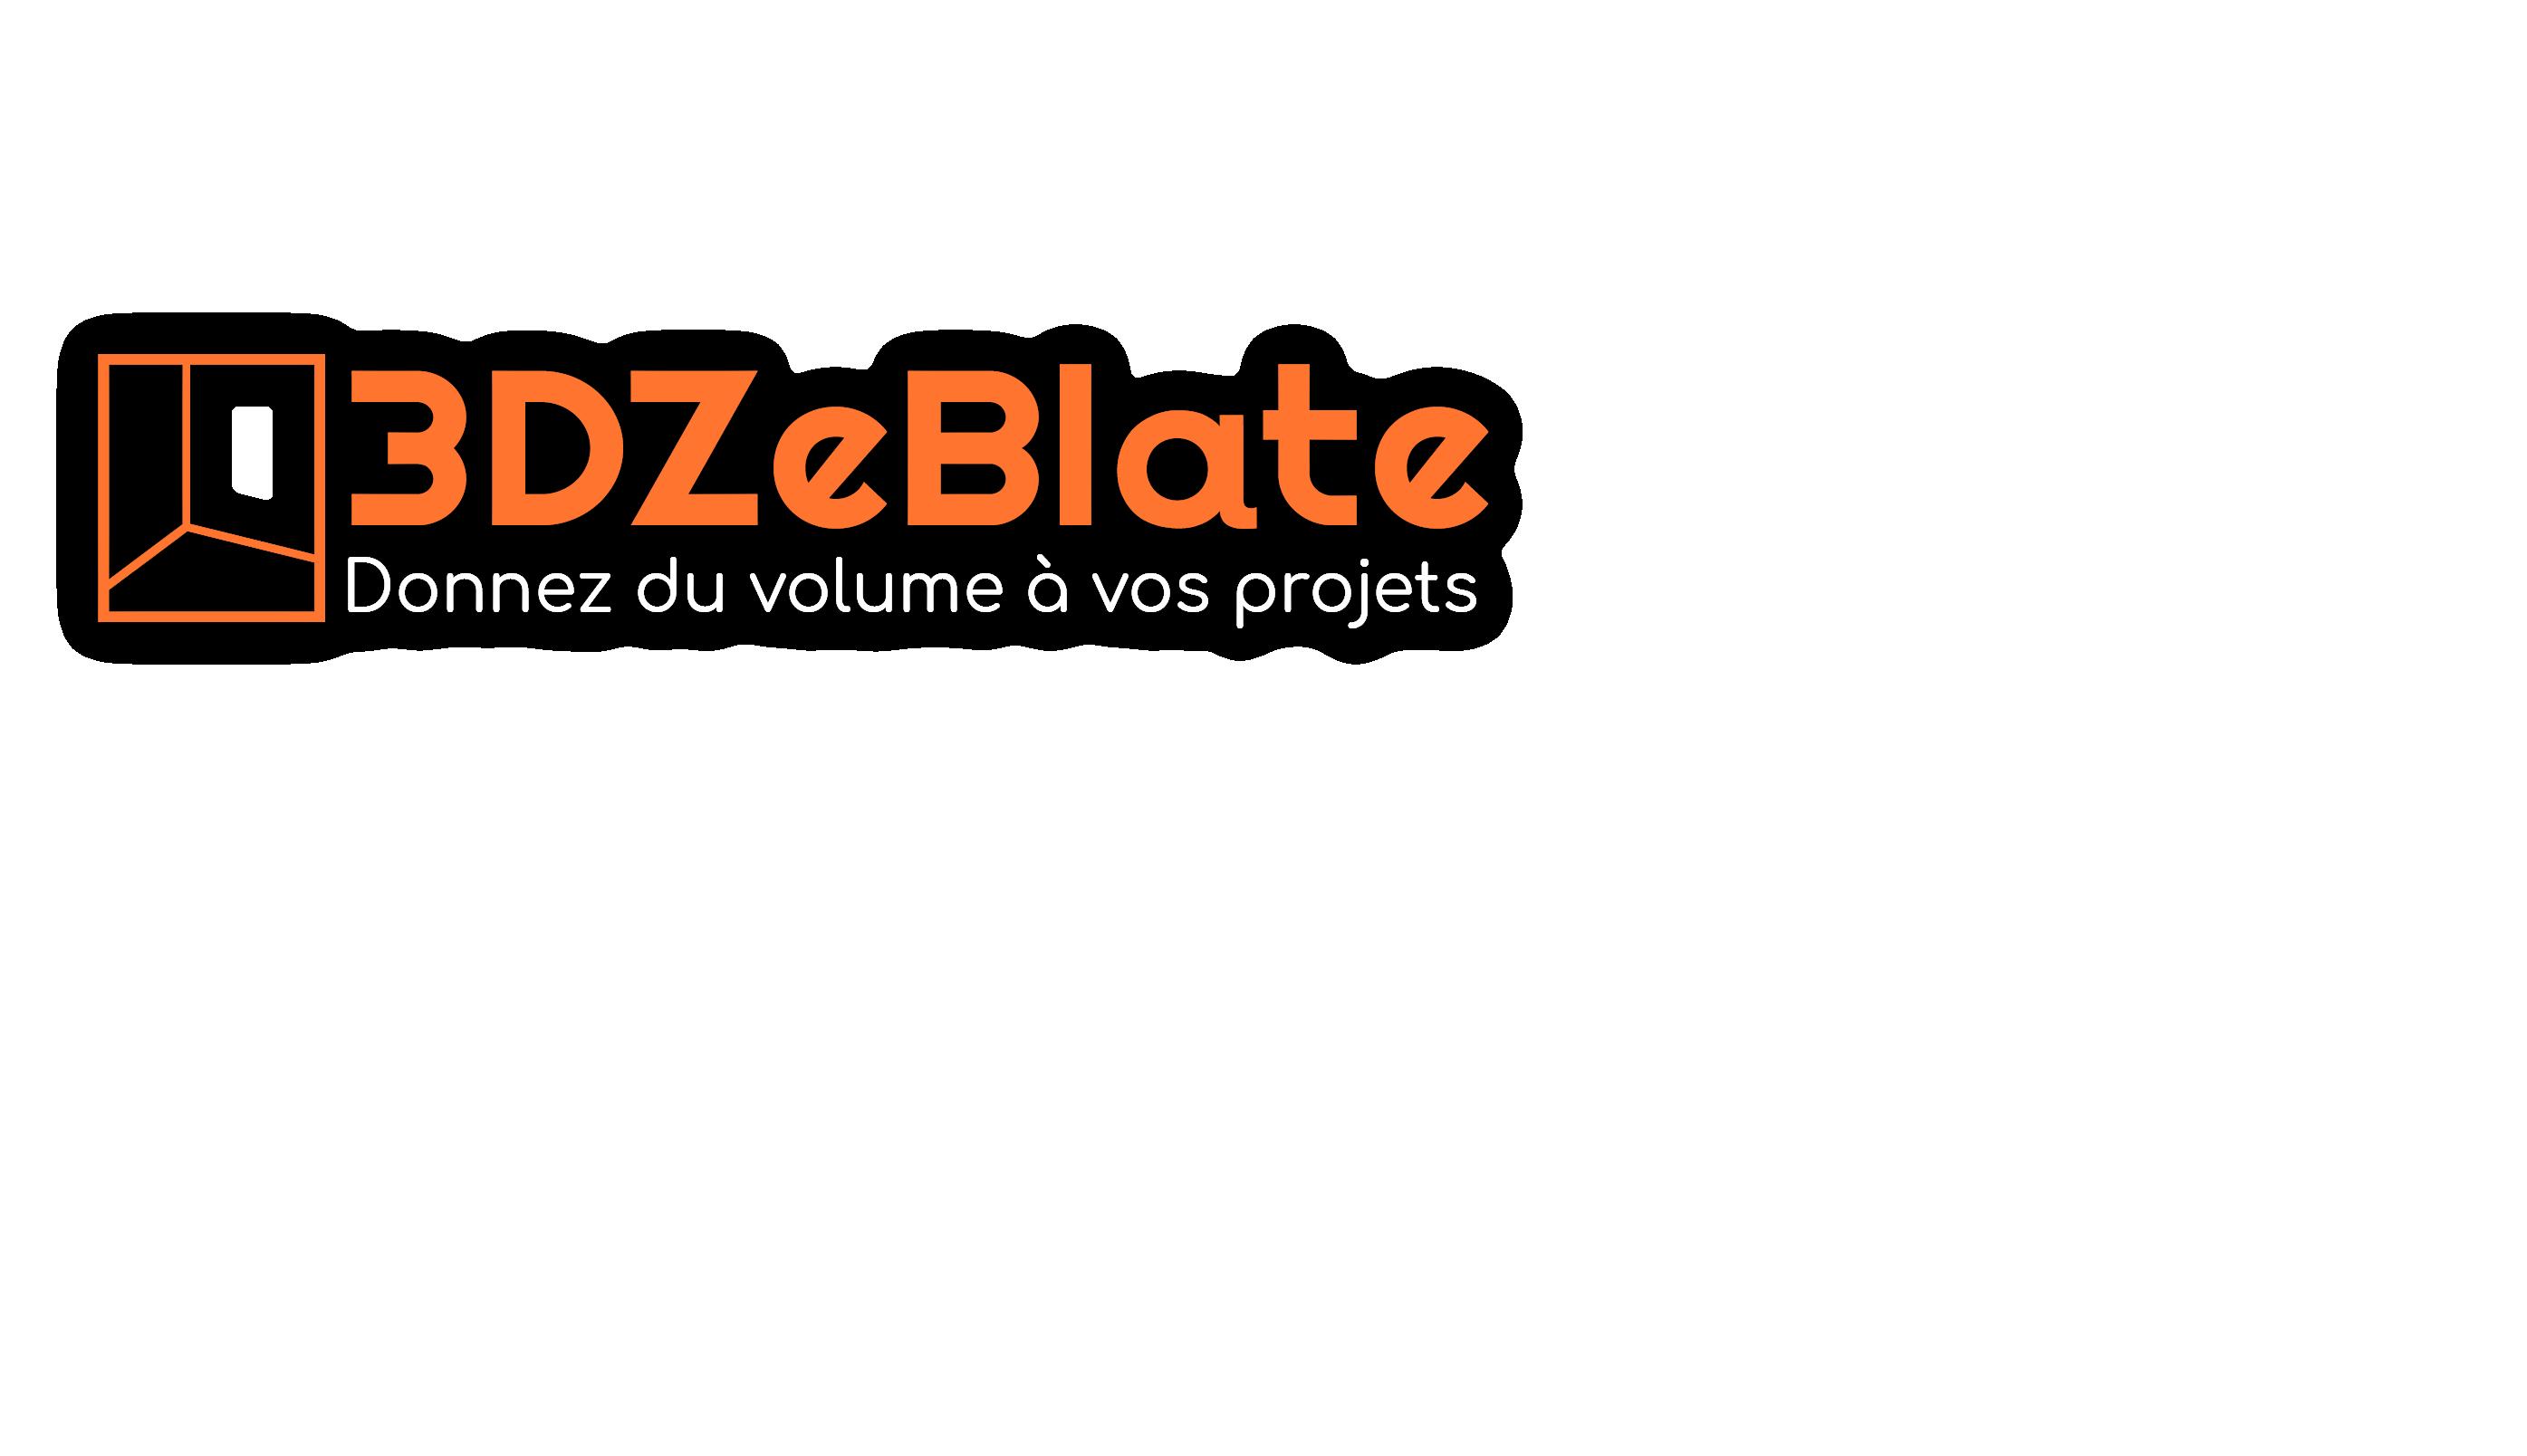 3DZeBlate vous accompagne dans vos projets 3D,  depuis votre idée de départ jusqu'au produit final : Modélisation 3D, rendu 3D et impression 3D.